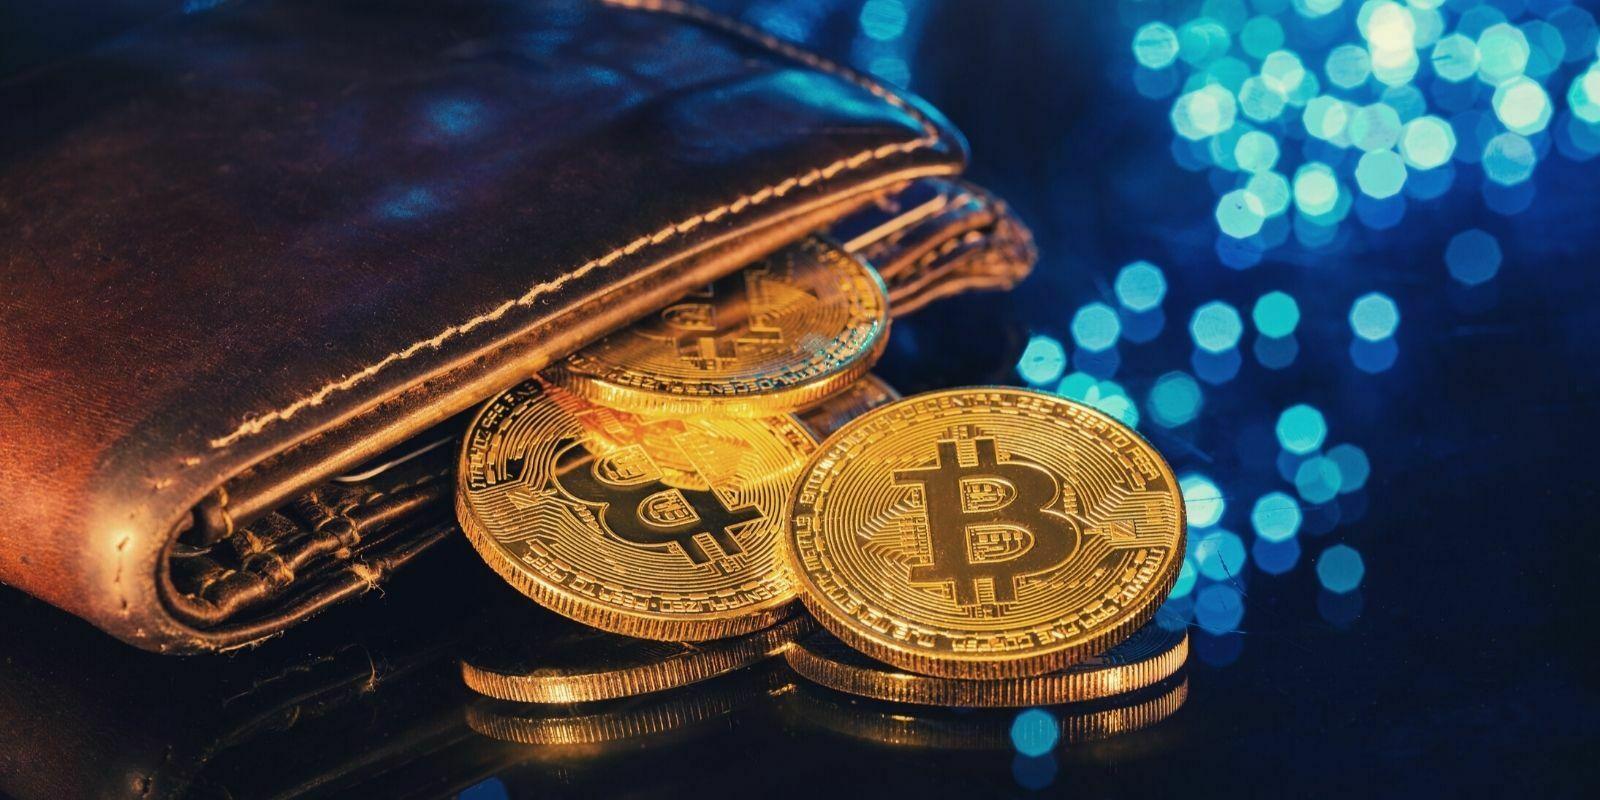 Un bitcoiner retrouve 127 BTC dans un portefeuille oublié depuis 2012 - Il empoche 4,2 millions de dollars